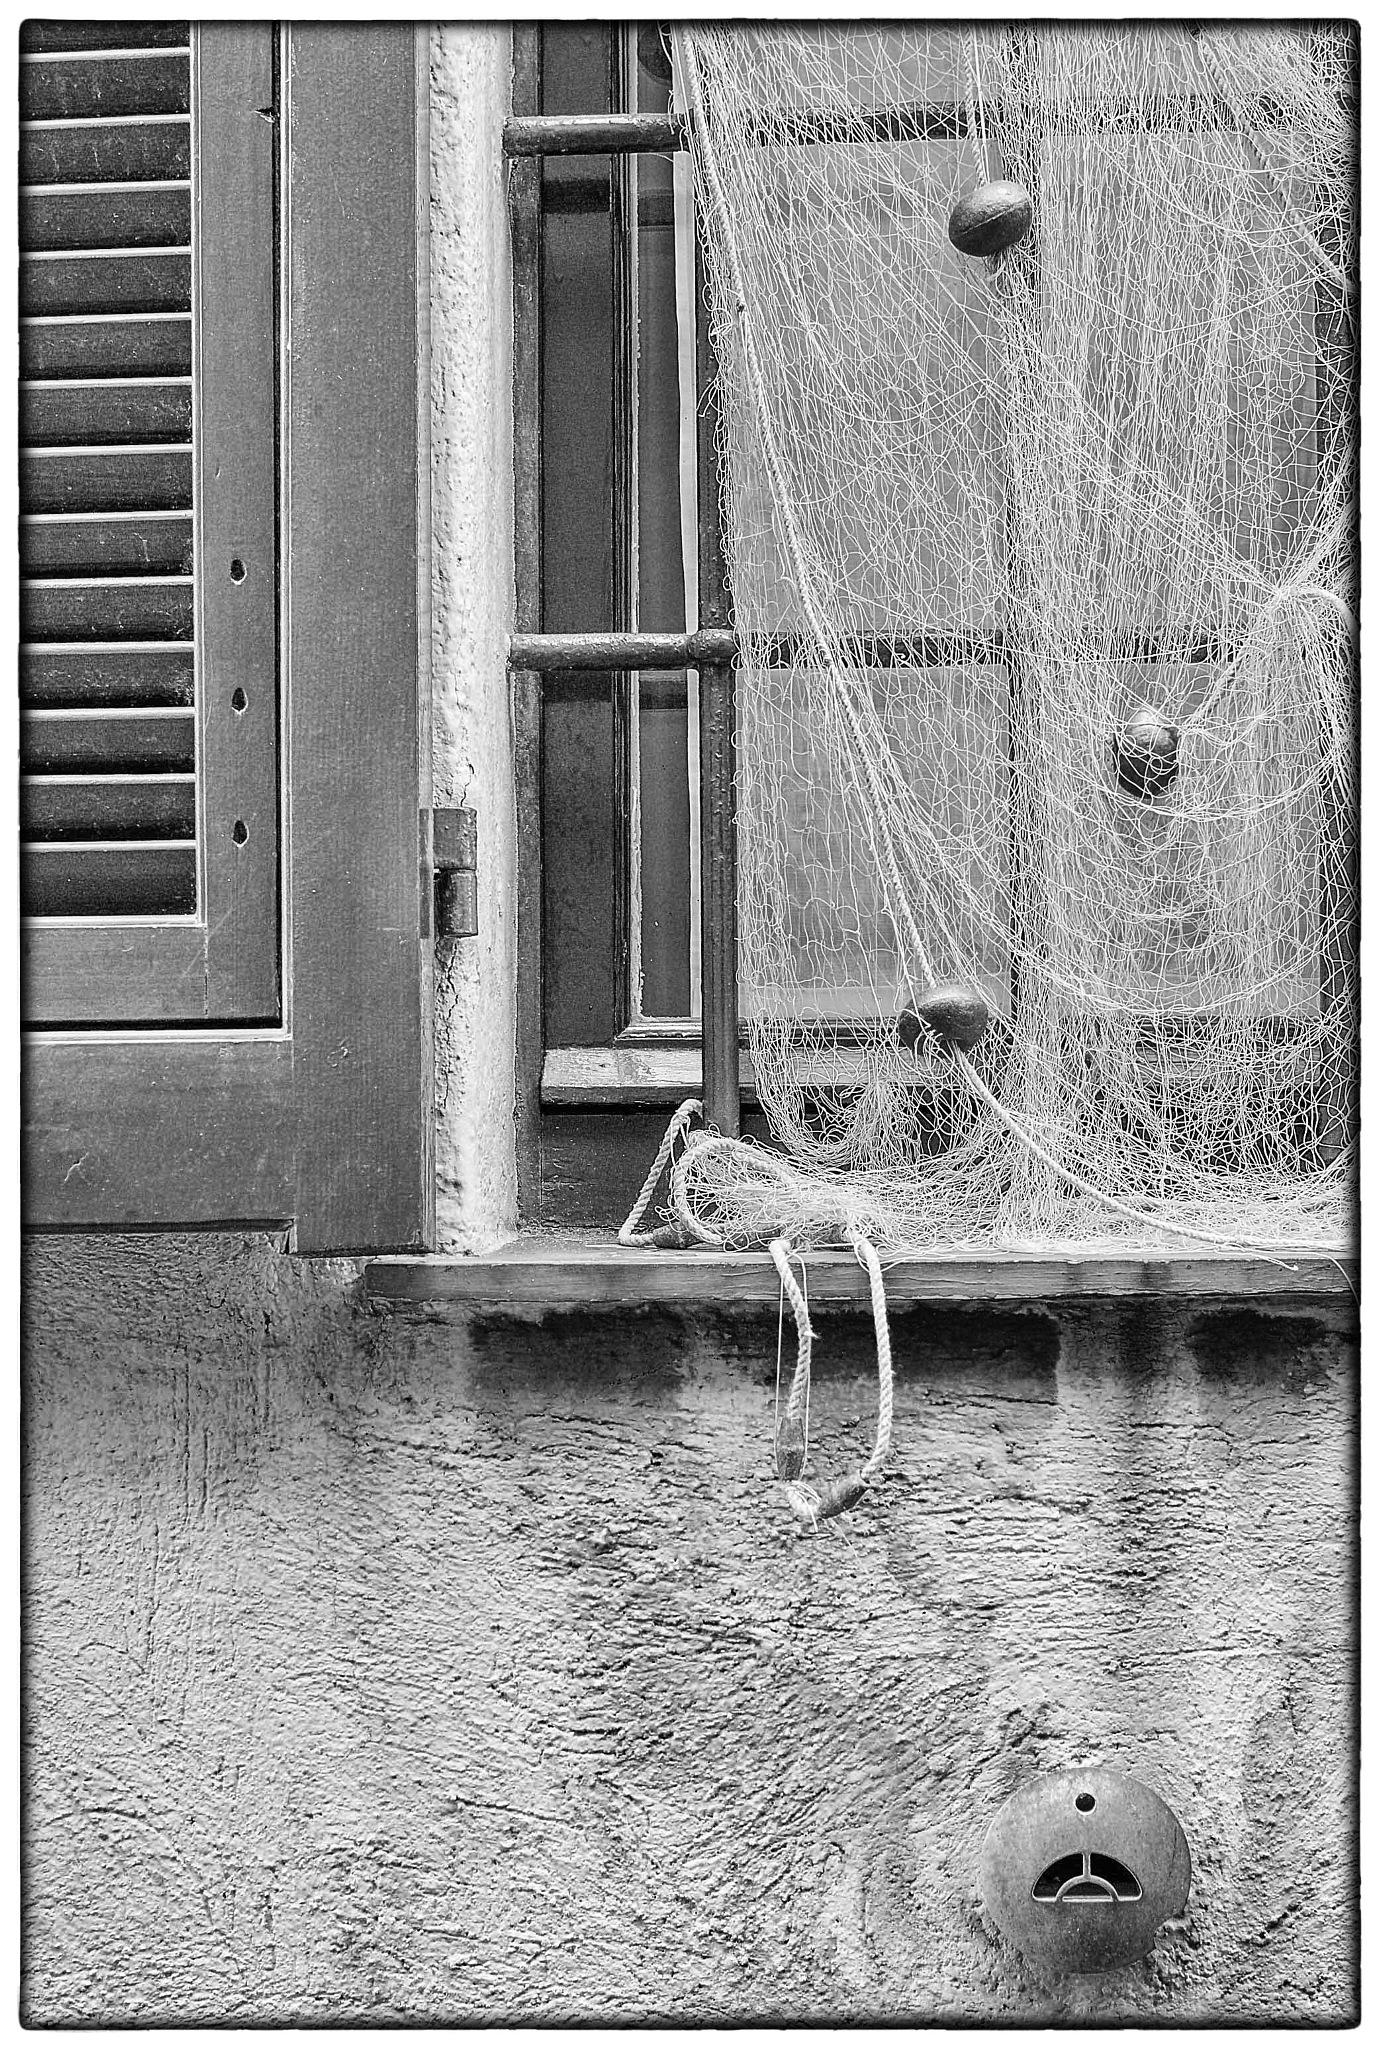 la finestra del pescatore by bcorech